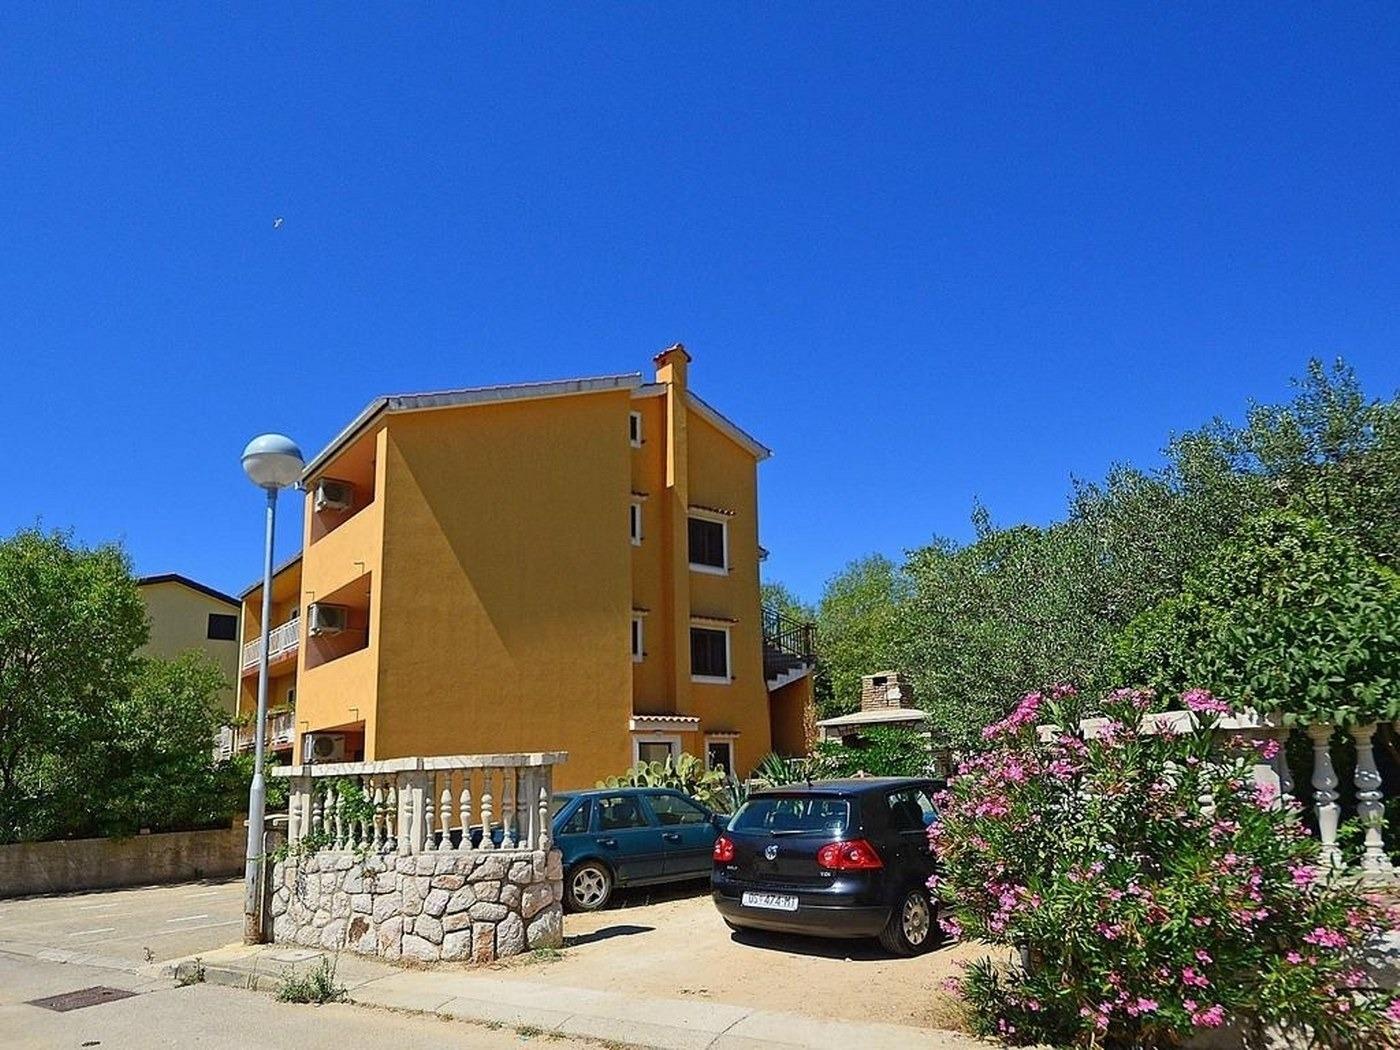 Appartement de vacances Marija A1(2+1) Prizemlje - Cres (739199), Cres (Stadt), Île de Cres, Kvarner, Croatie, image 3